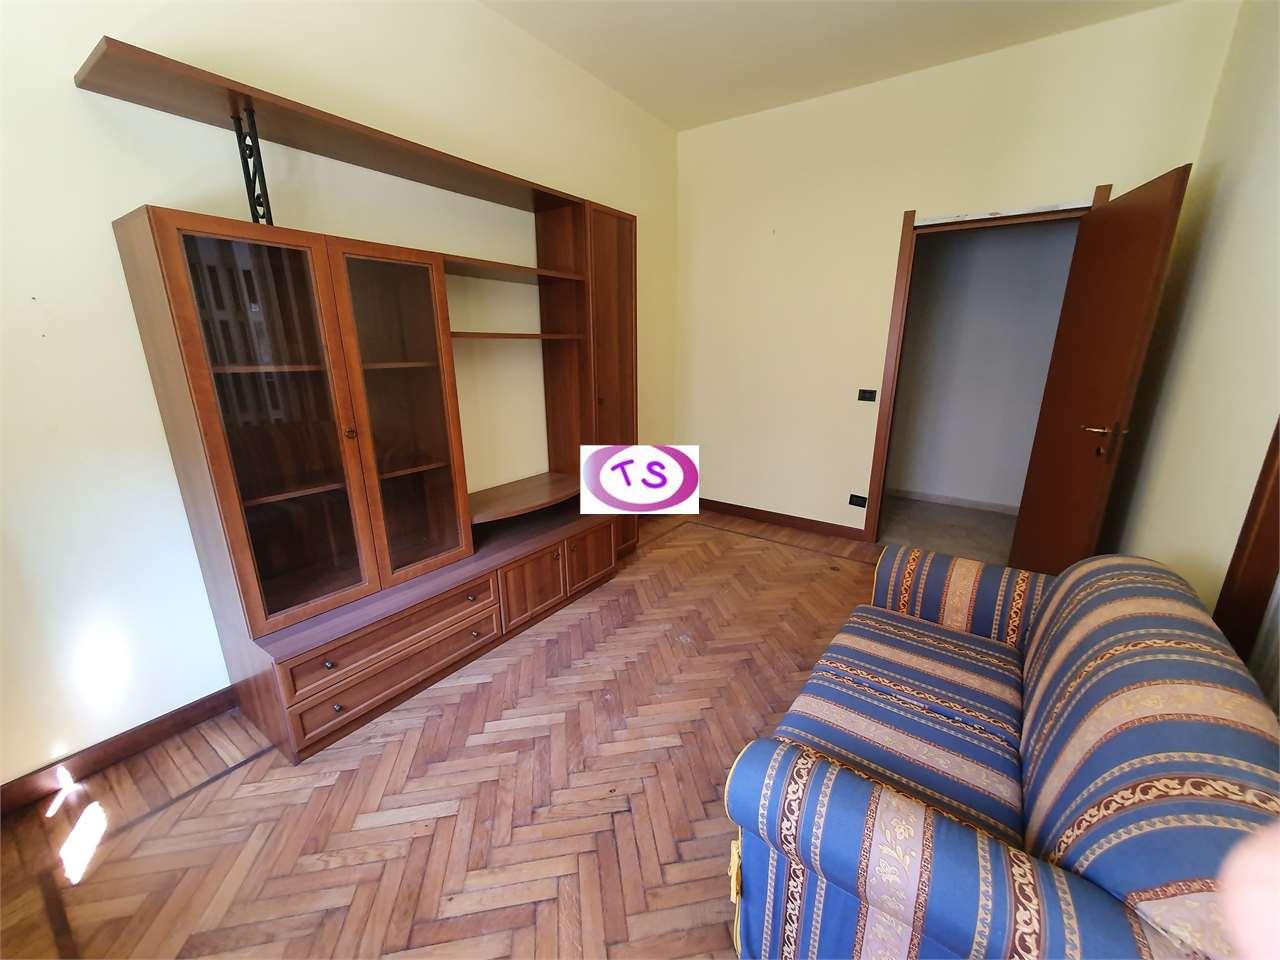 Appartamento in vendita a Casale Monferrato, 3 locali, prezzo € 70.000 | CambioCasa.it